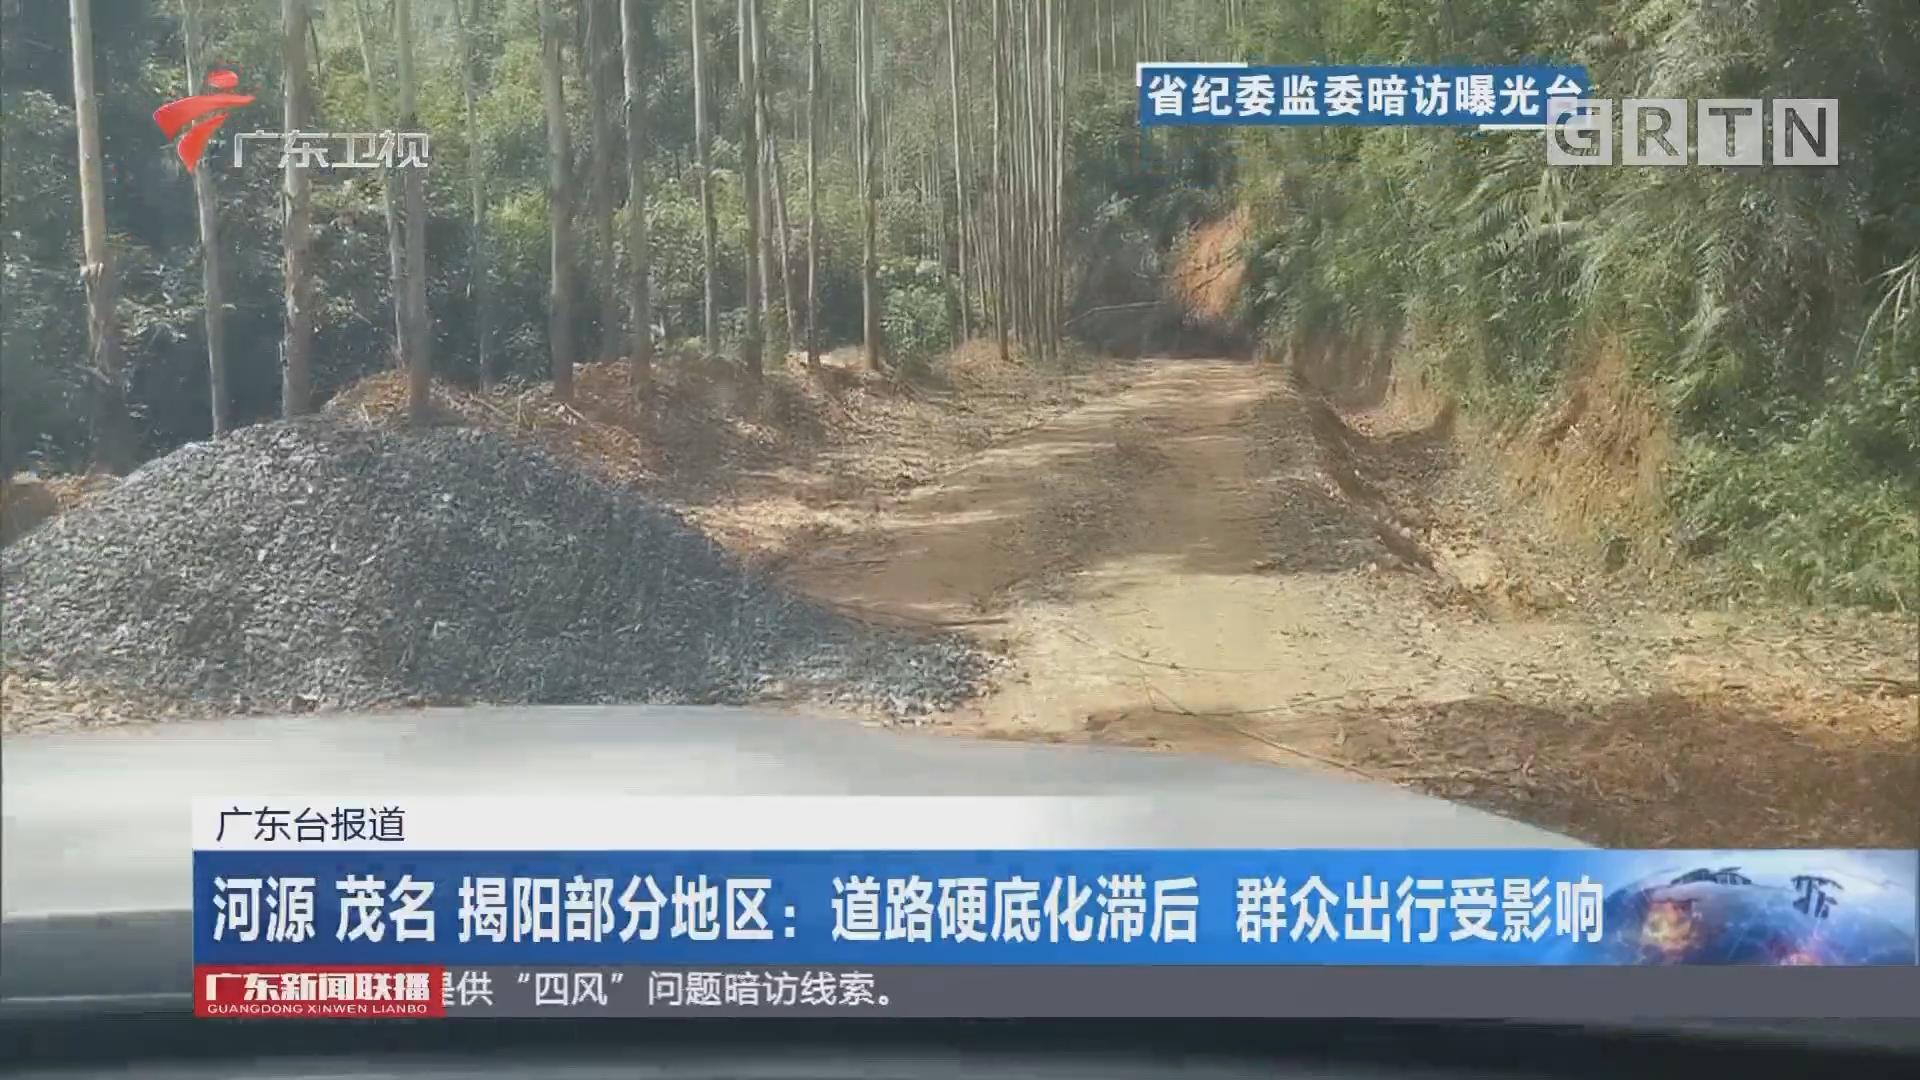 河源 茂名 揭阳部分地区:道路硬底化滞后 群众出行受影响